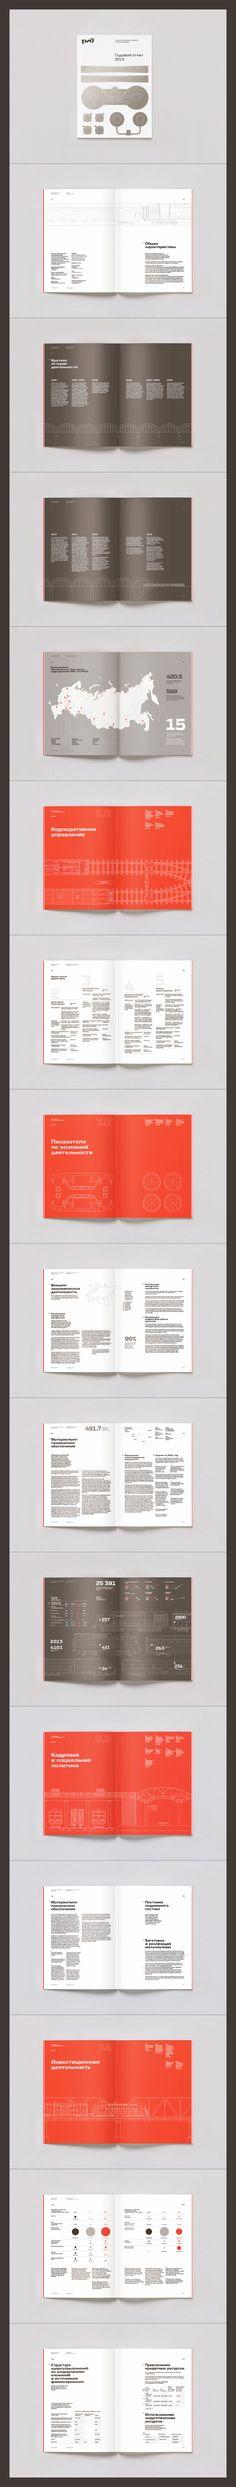 Годовой отчет компании «ТД РЖД», Booklet © Глеб Сергеев